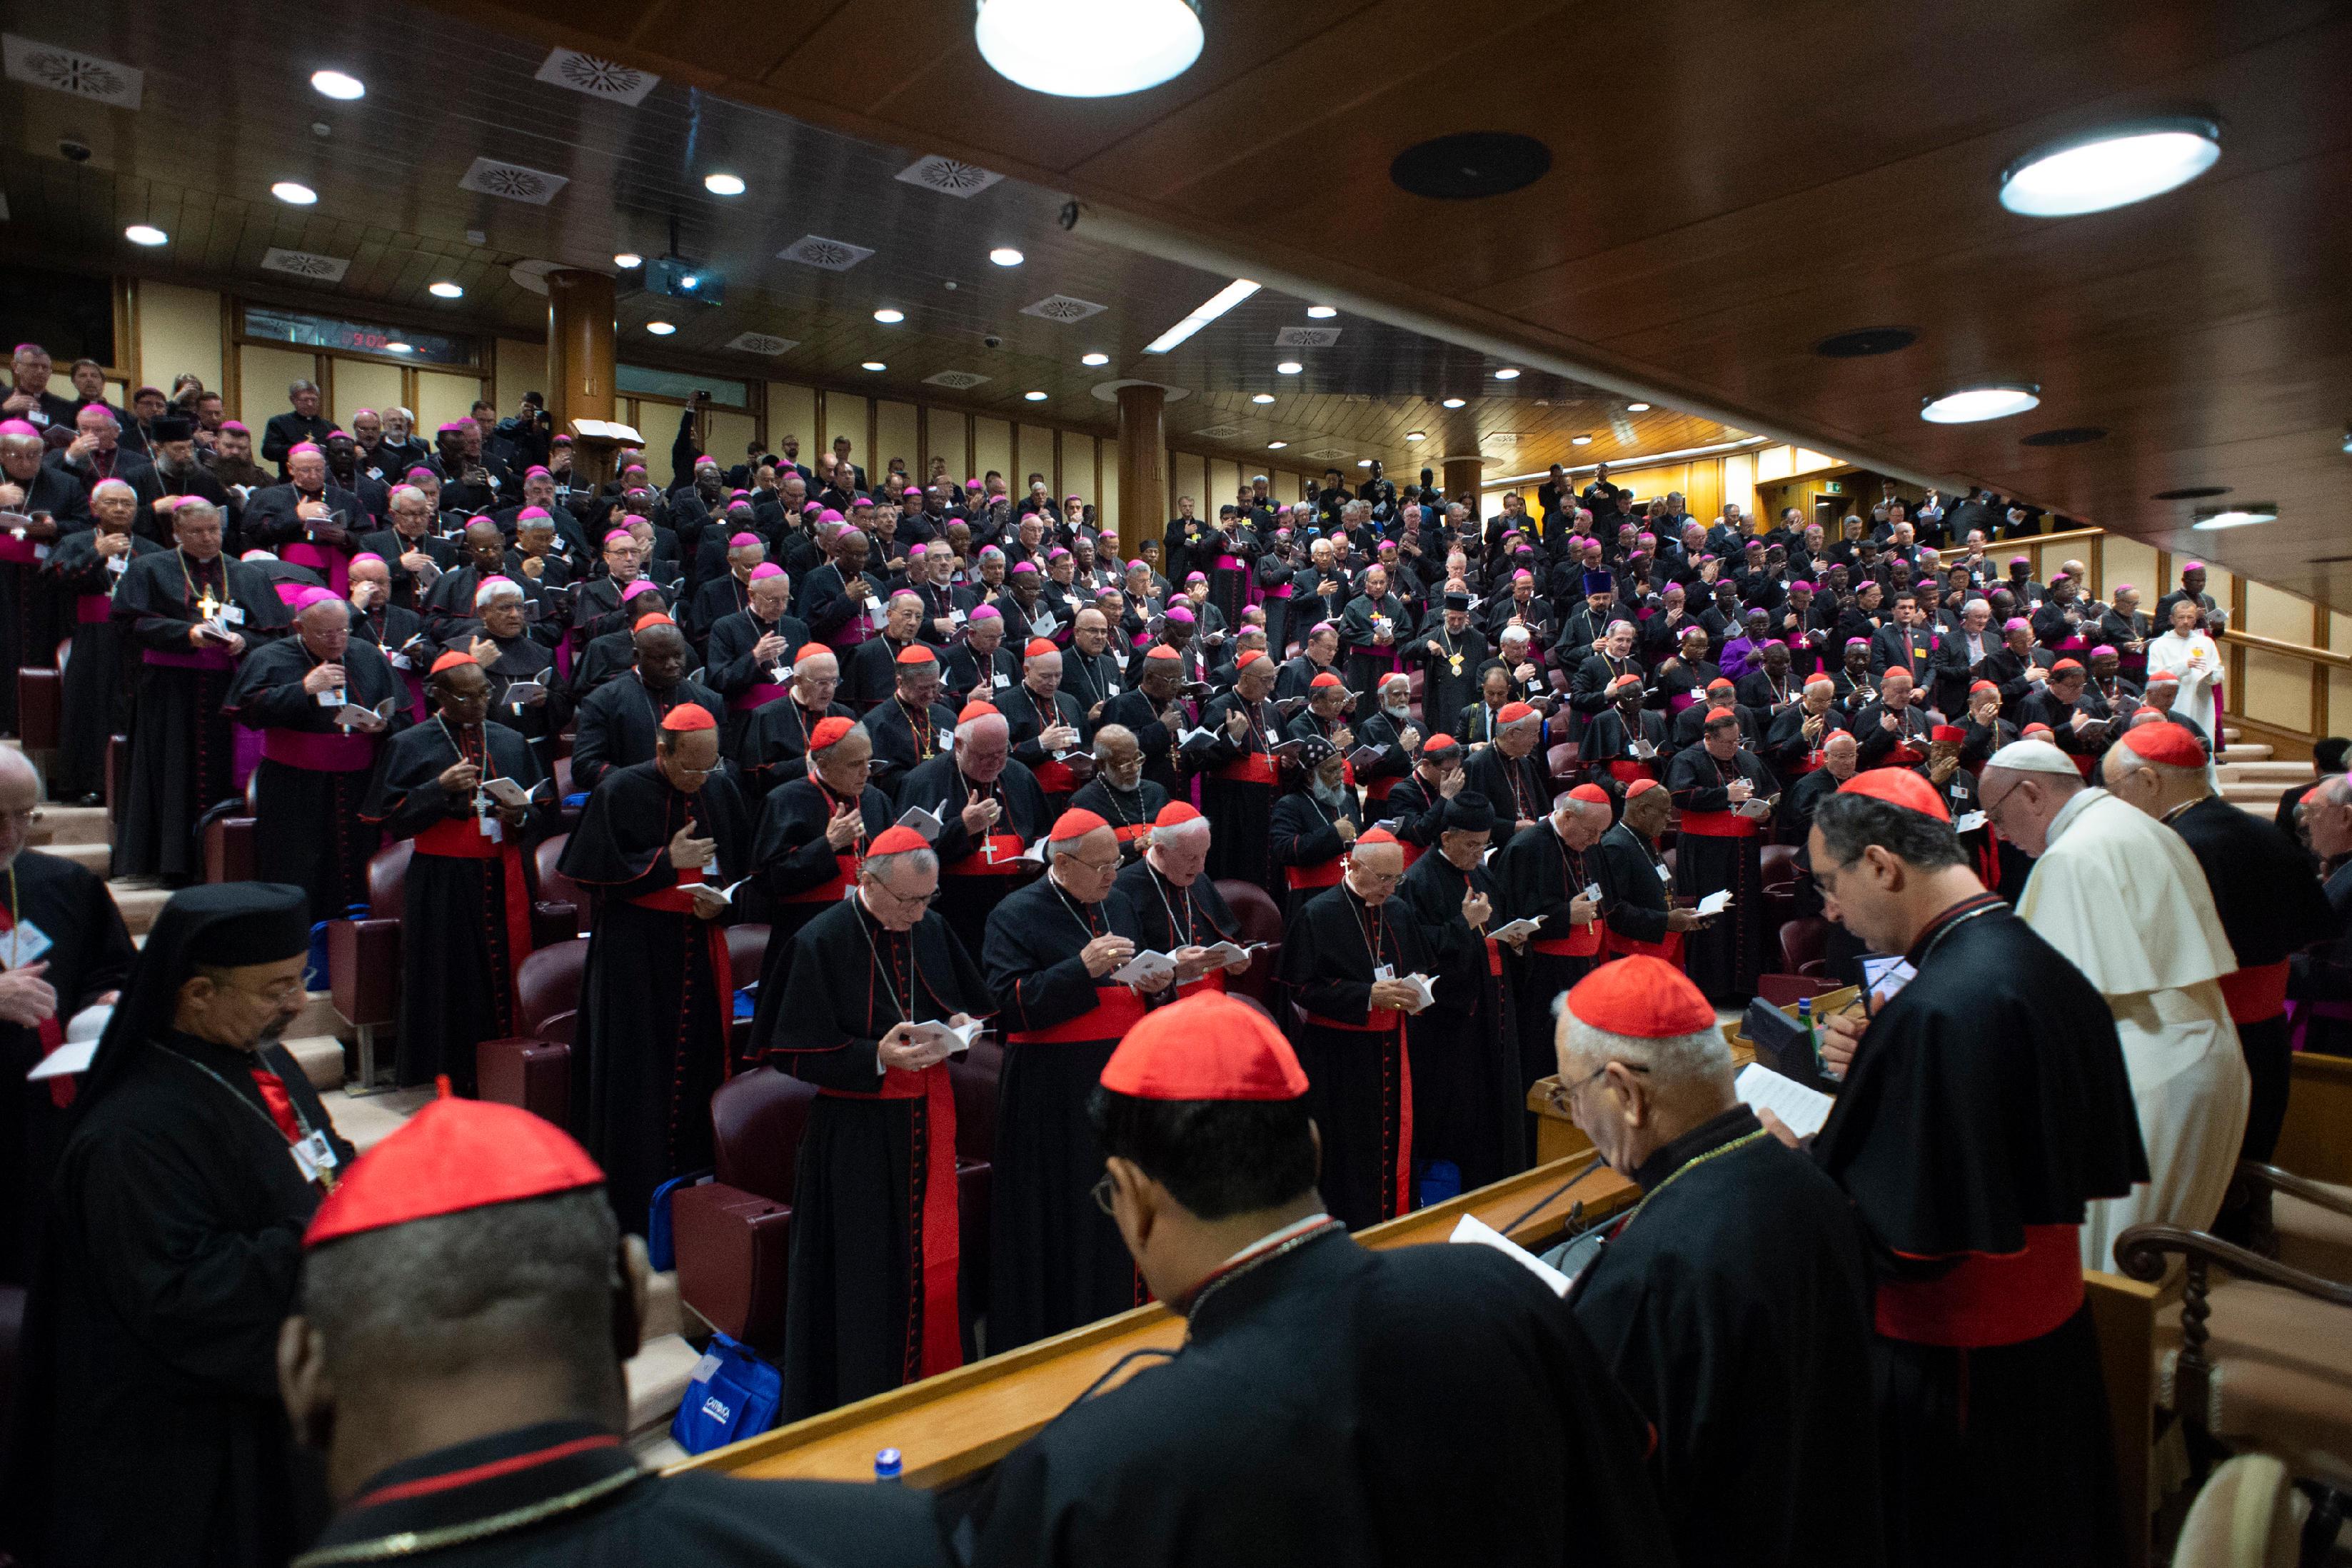 2e Congrégation générale du Synode des évêques sur les jeunes 4 oct. © Vatican Media